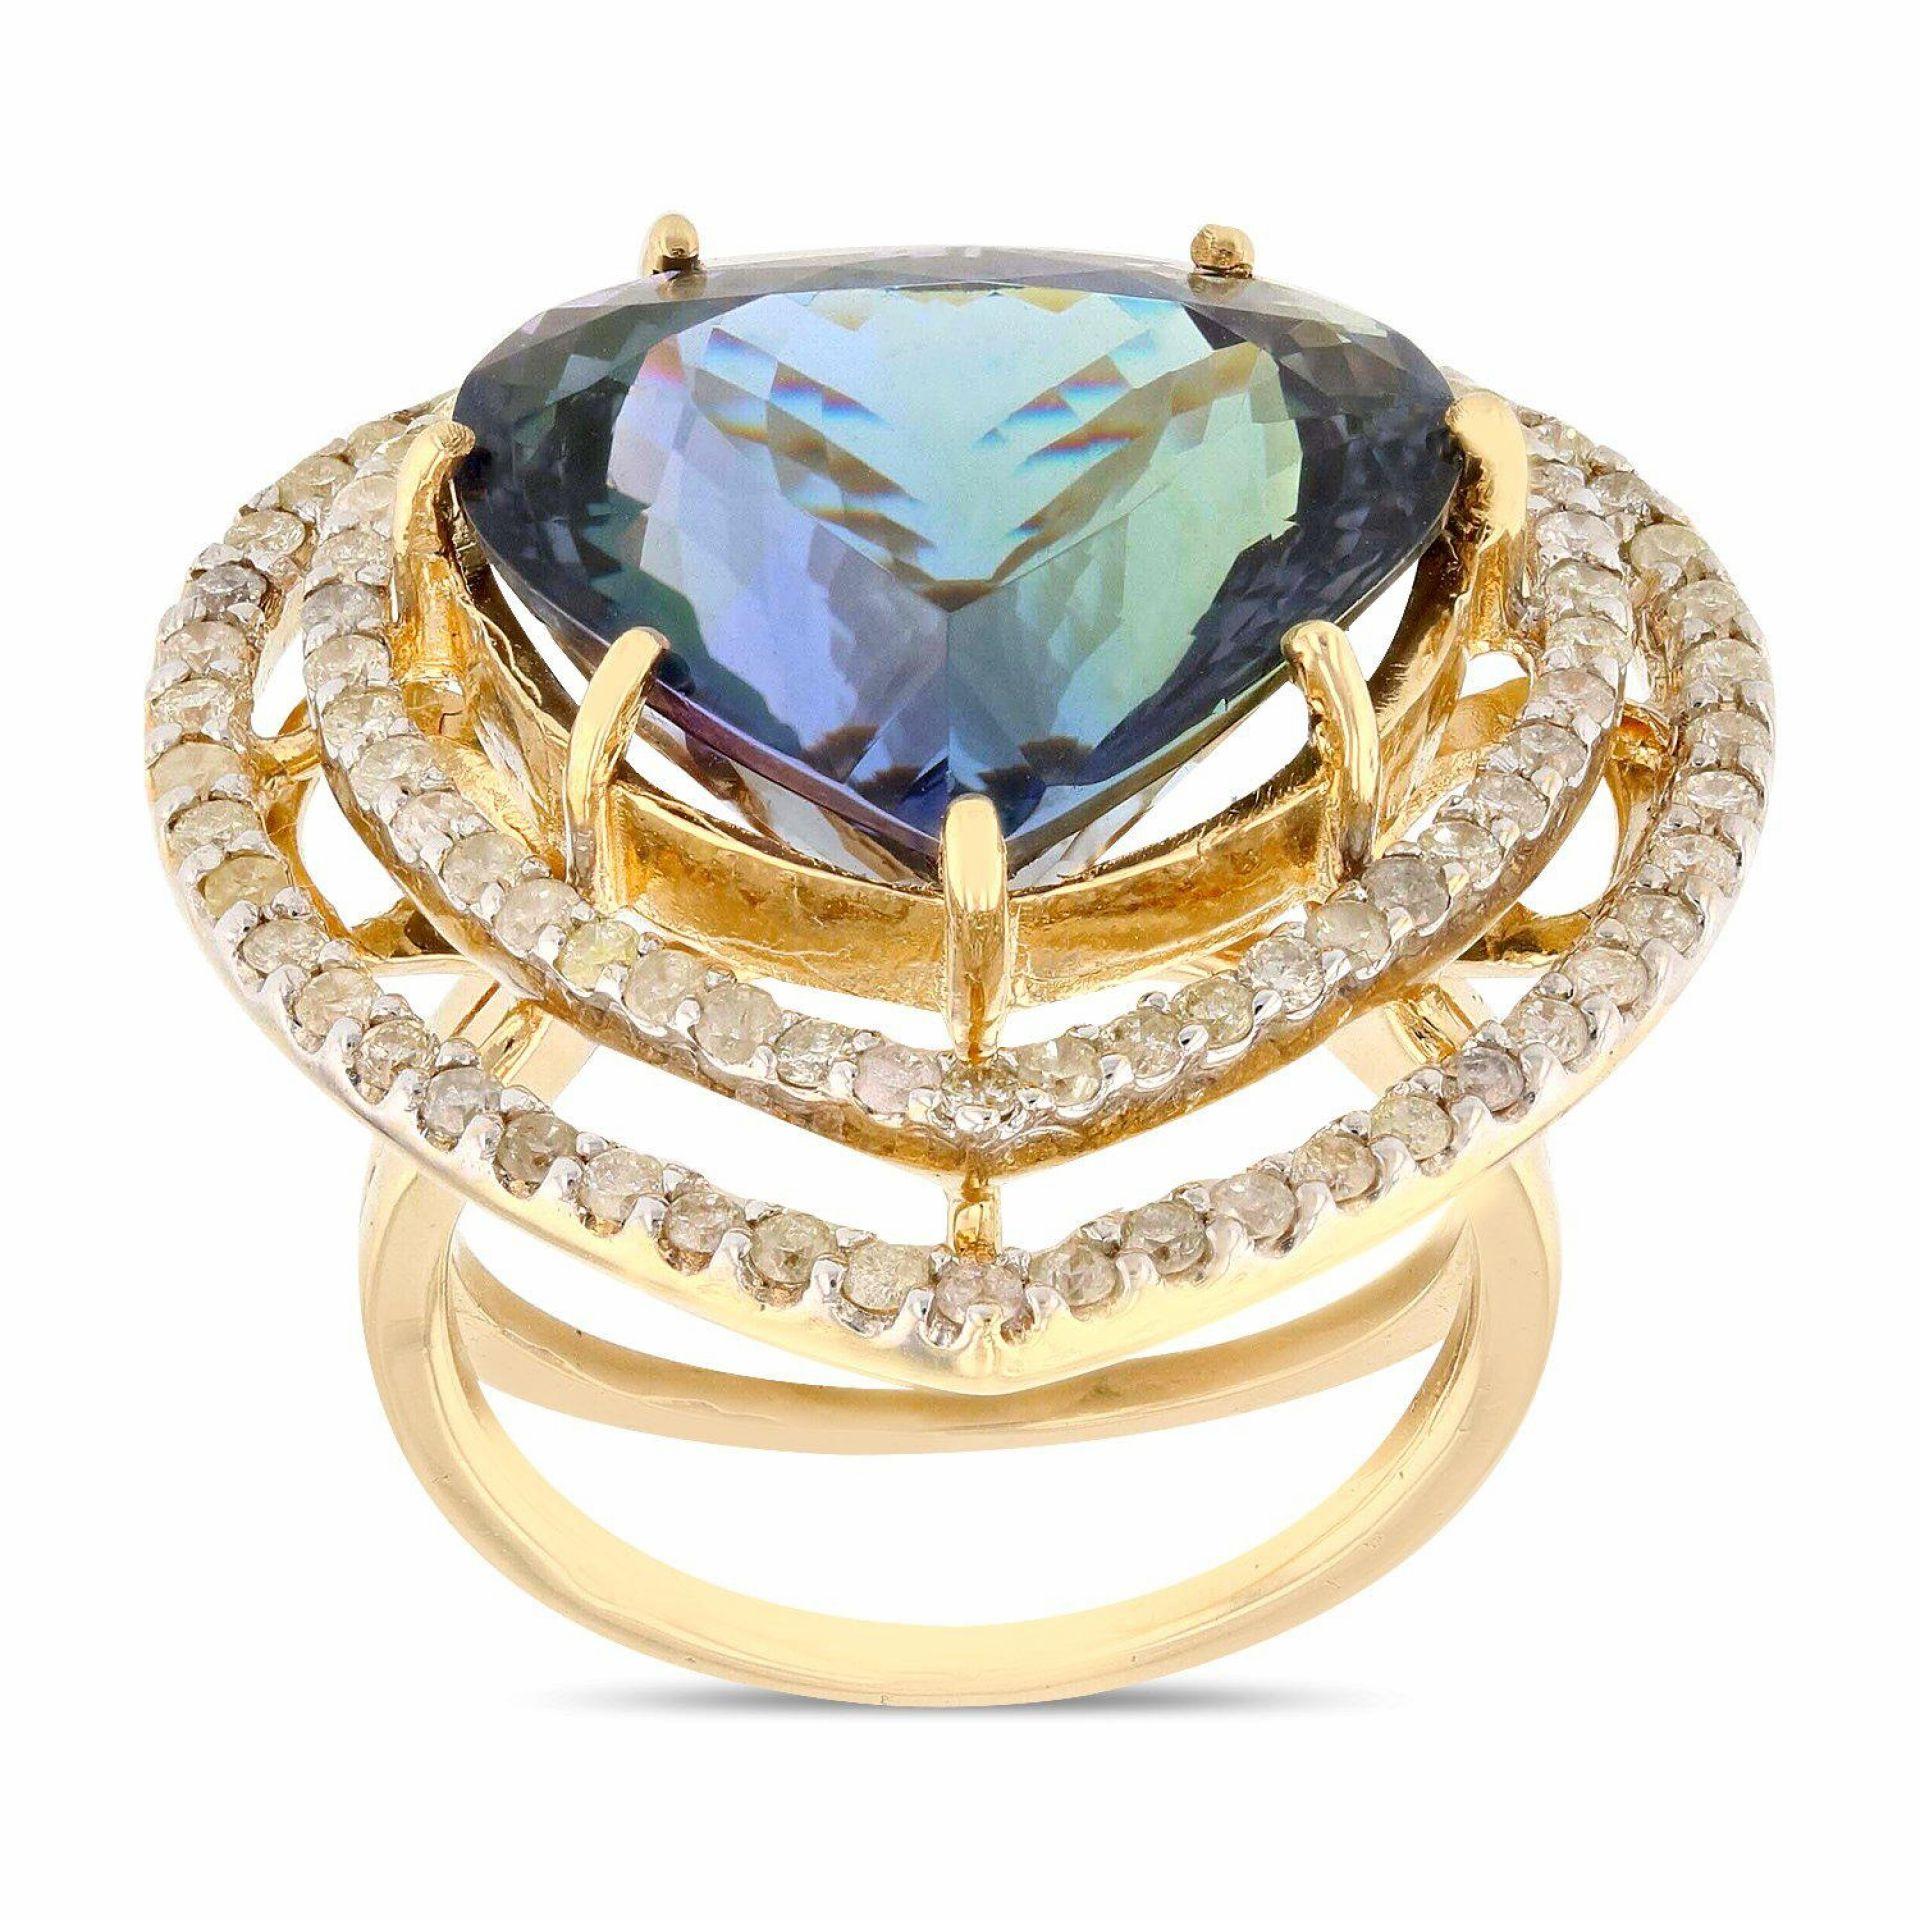 13.87ct Tanzanite and 0.98ctw Diamond 14K Yellow Gold Ring